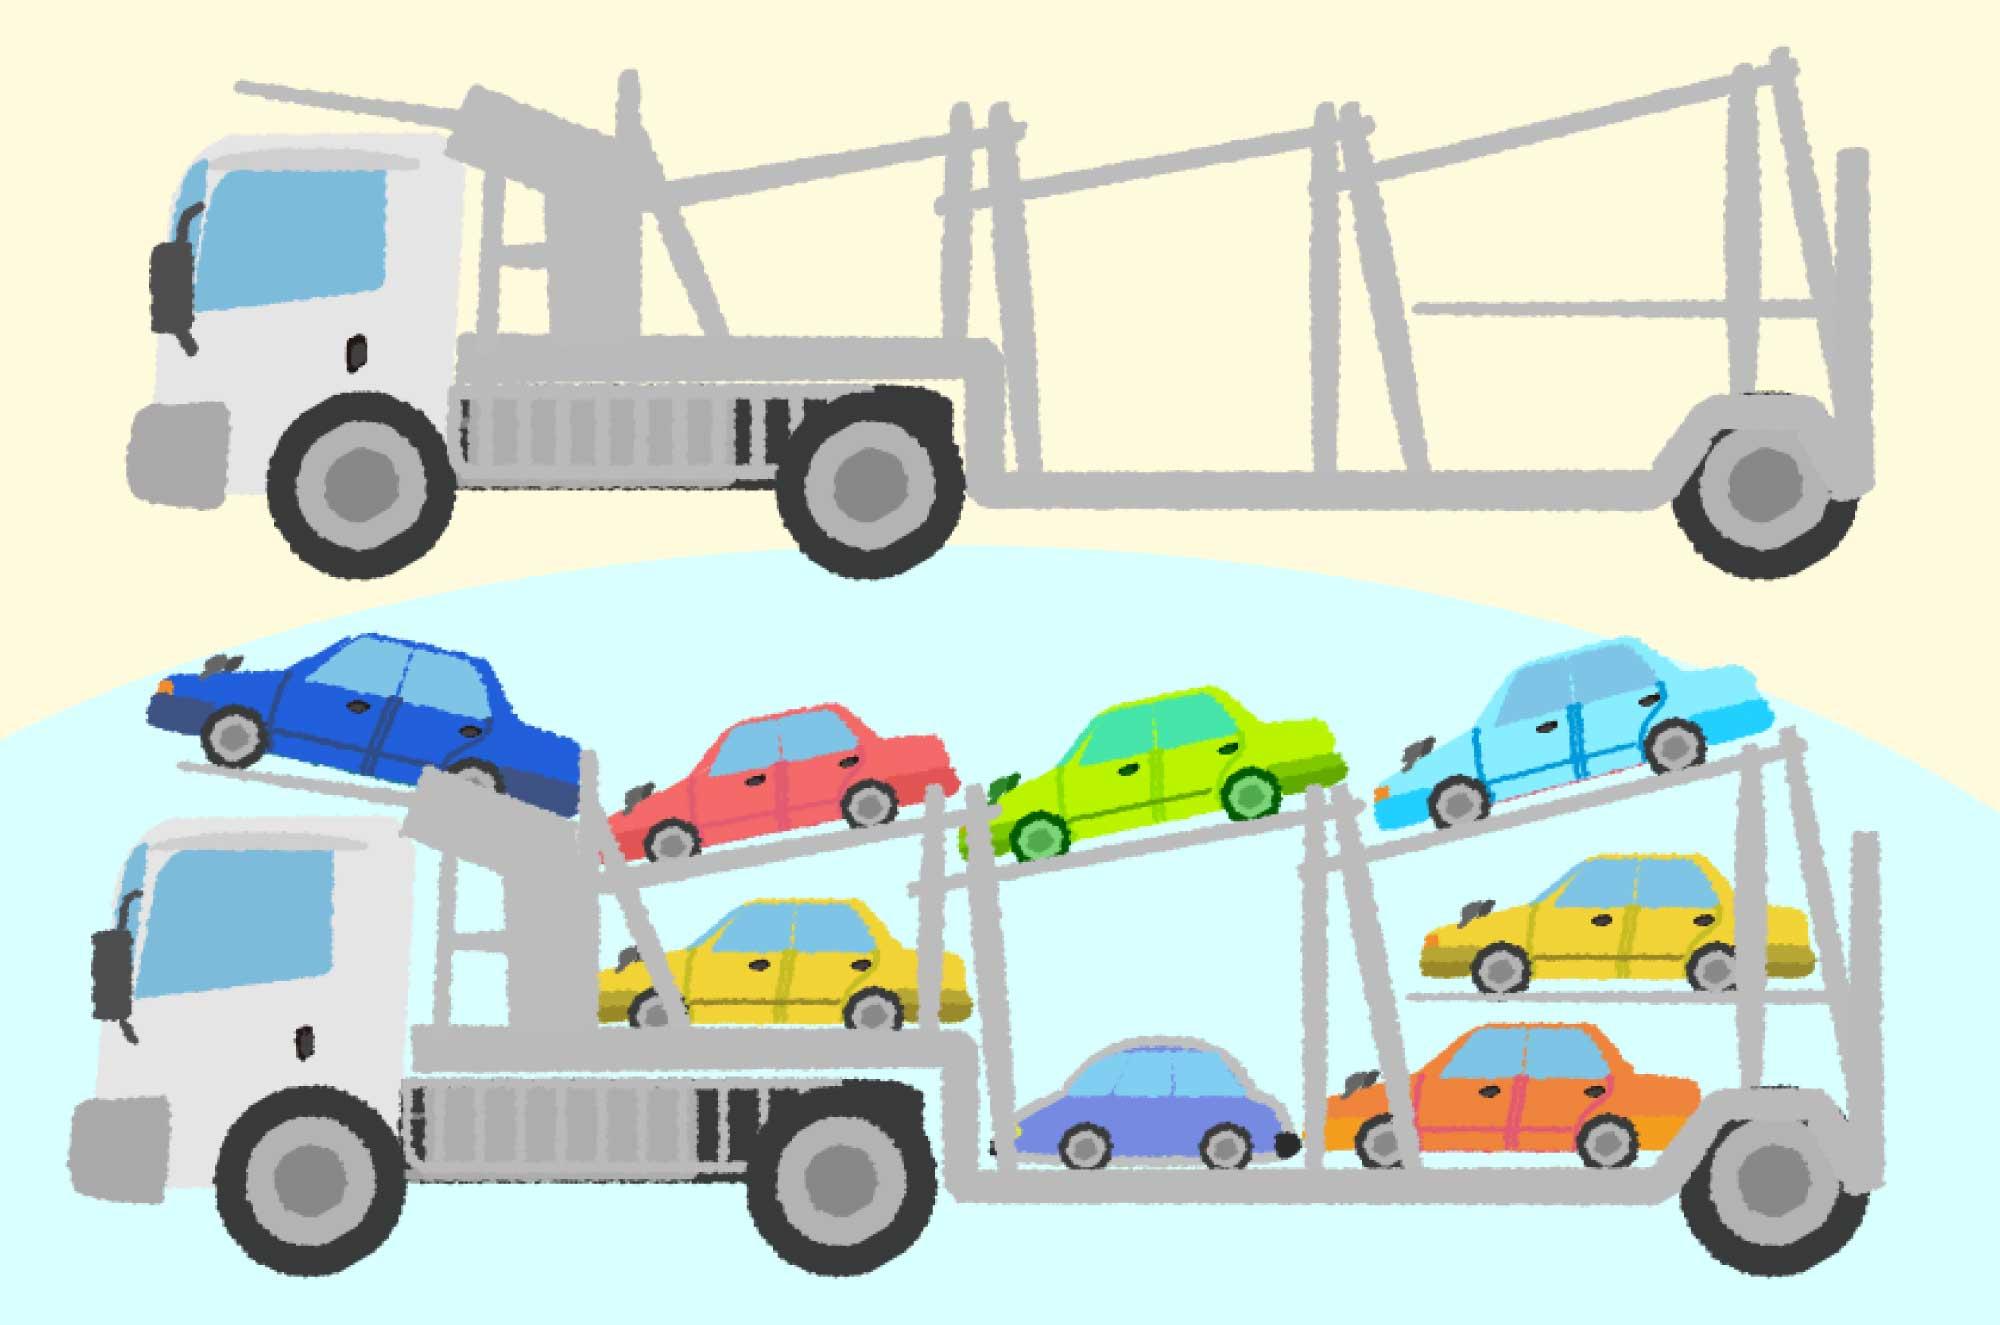 キャリアカーイラスト - 車を運ぶ車の乗り物無料素材